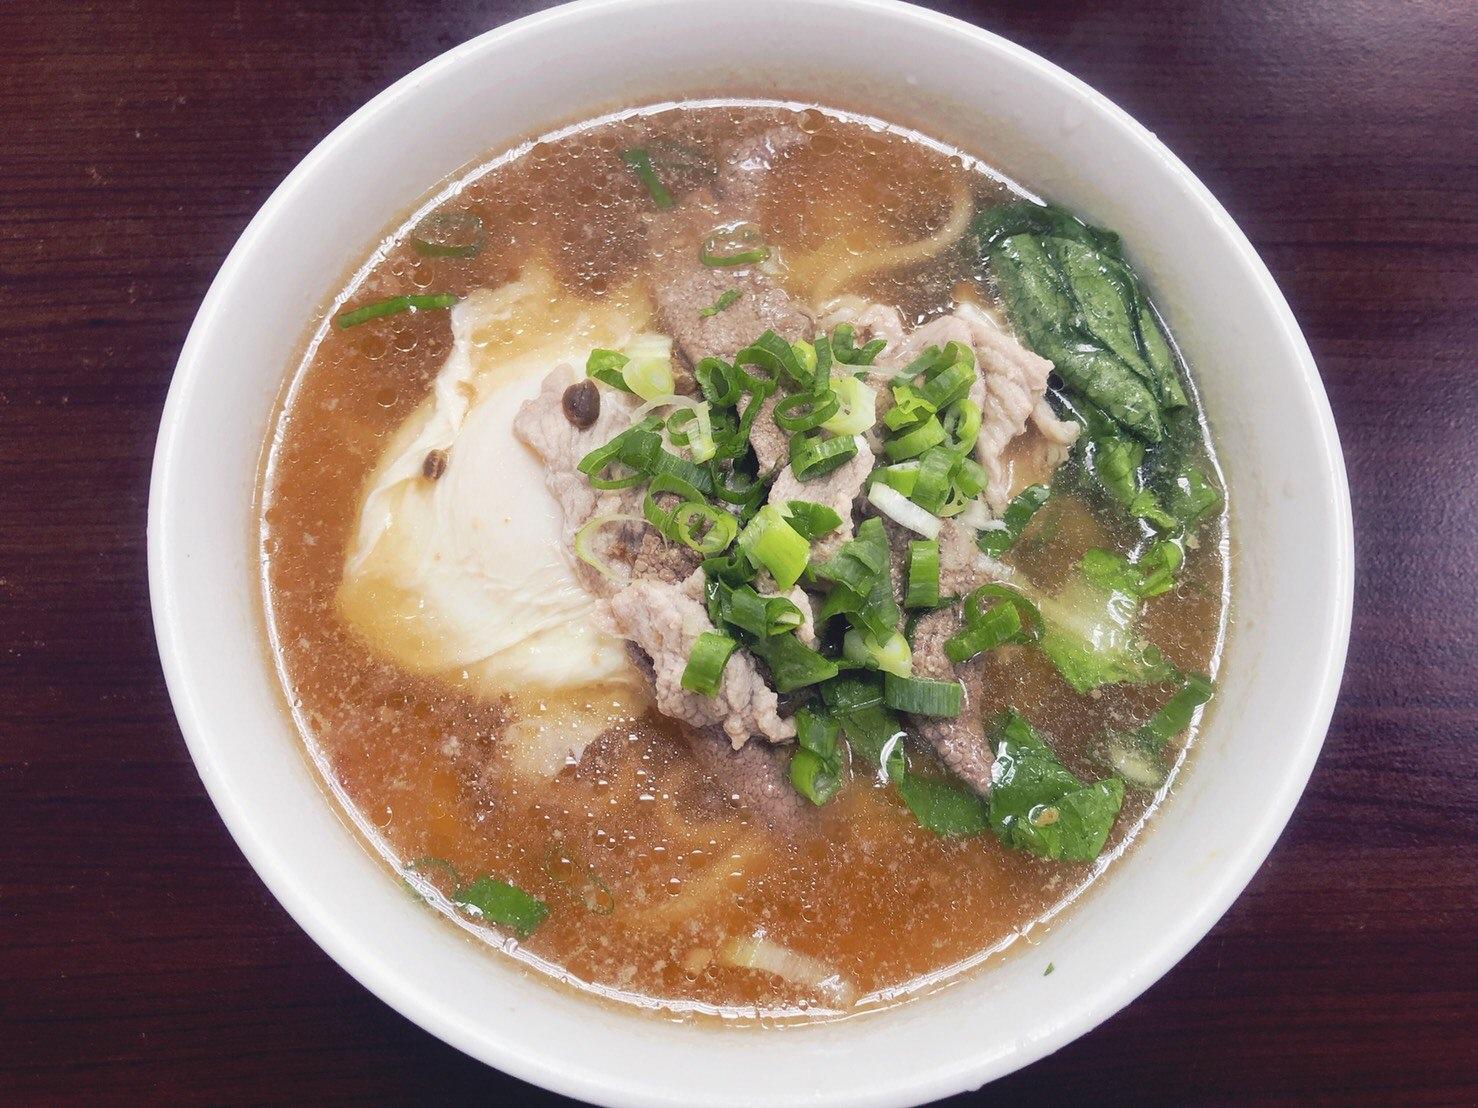 新竹美食|吳記雲南美食米干米線、道地雲南風味